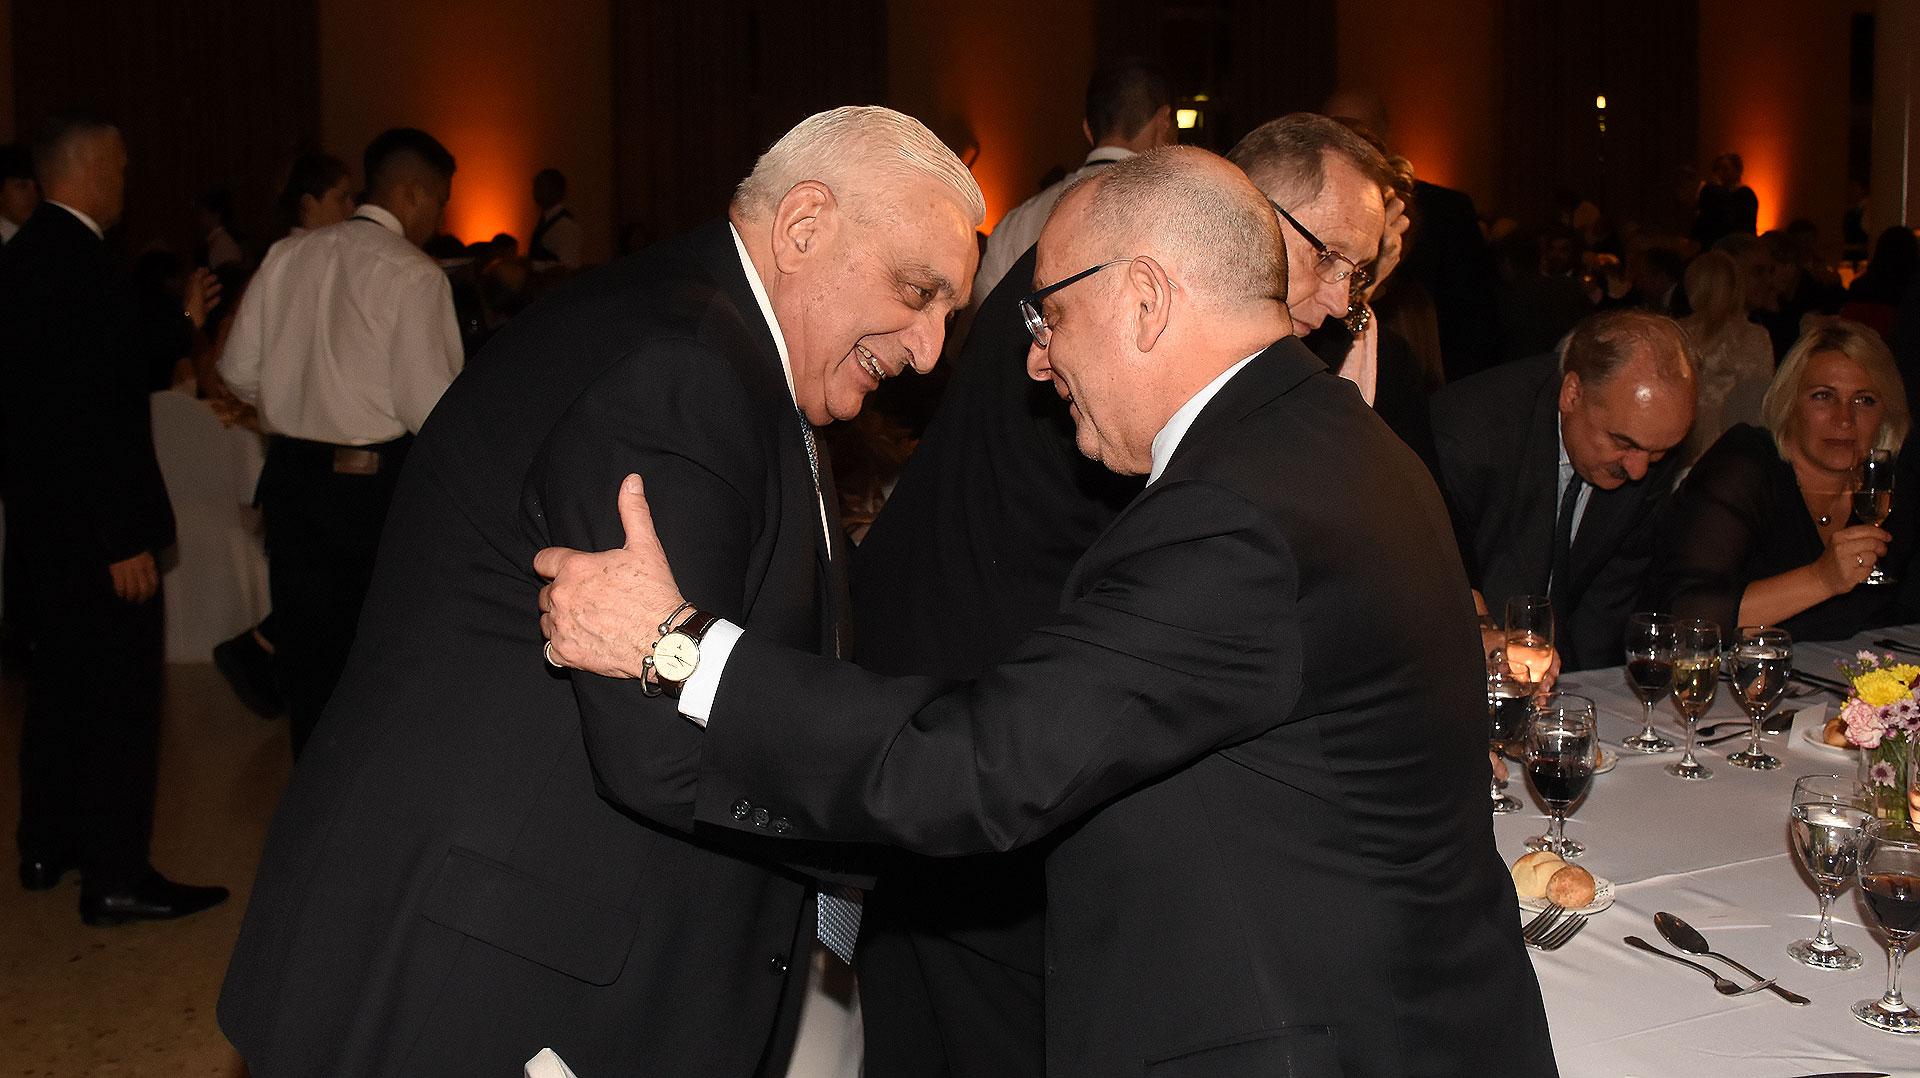 Adelmo Gabbi y Jorge Faurie